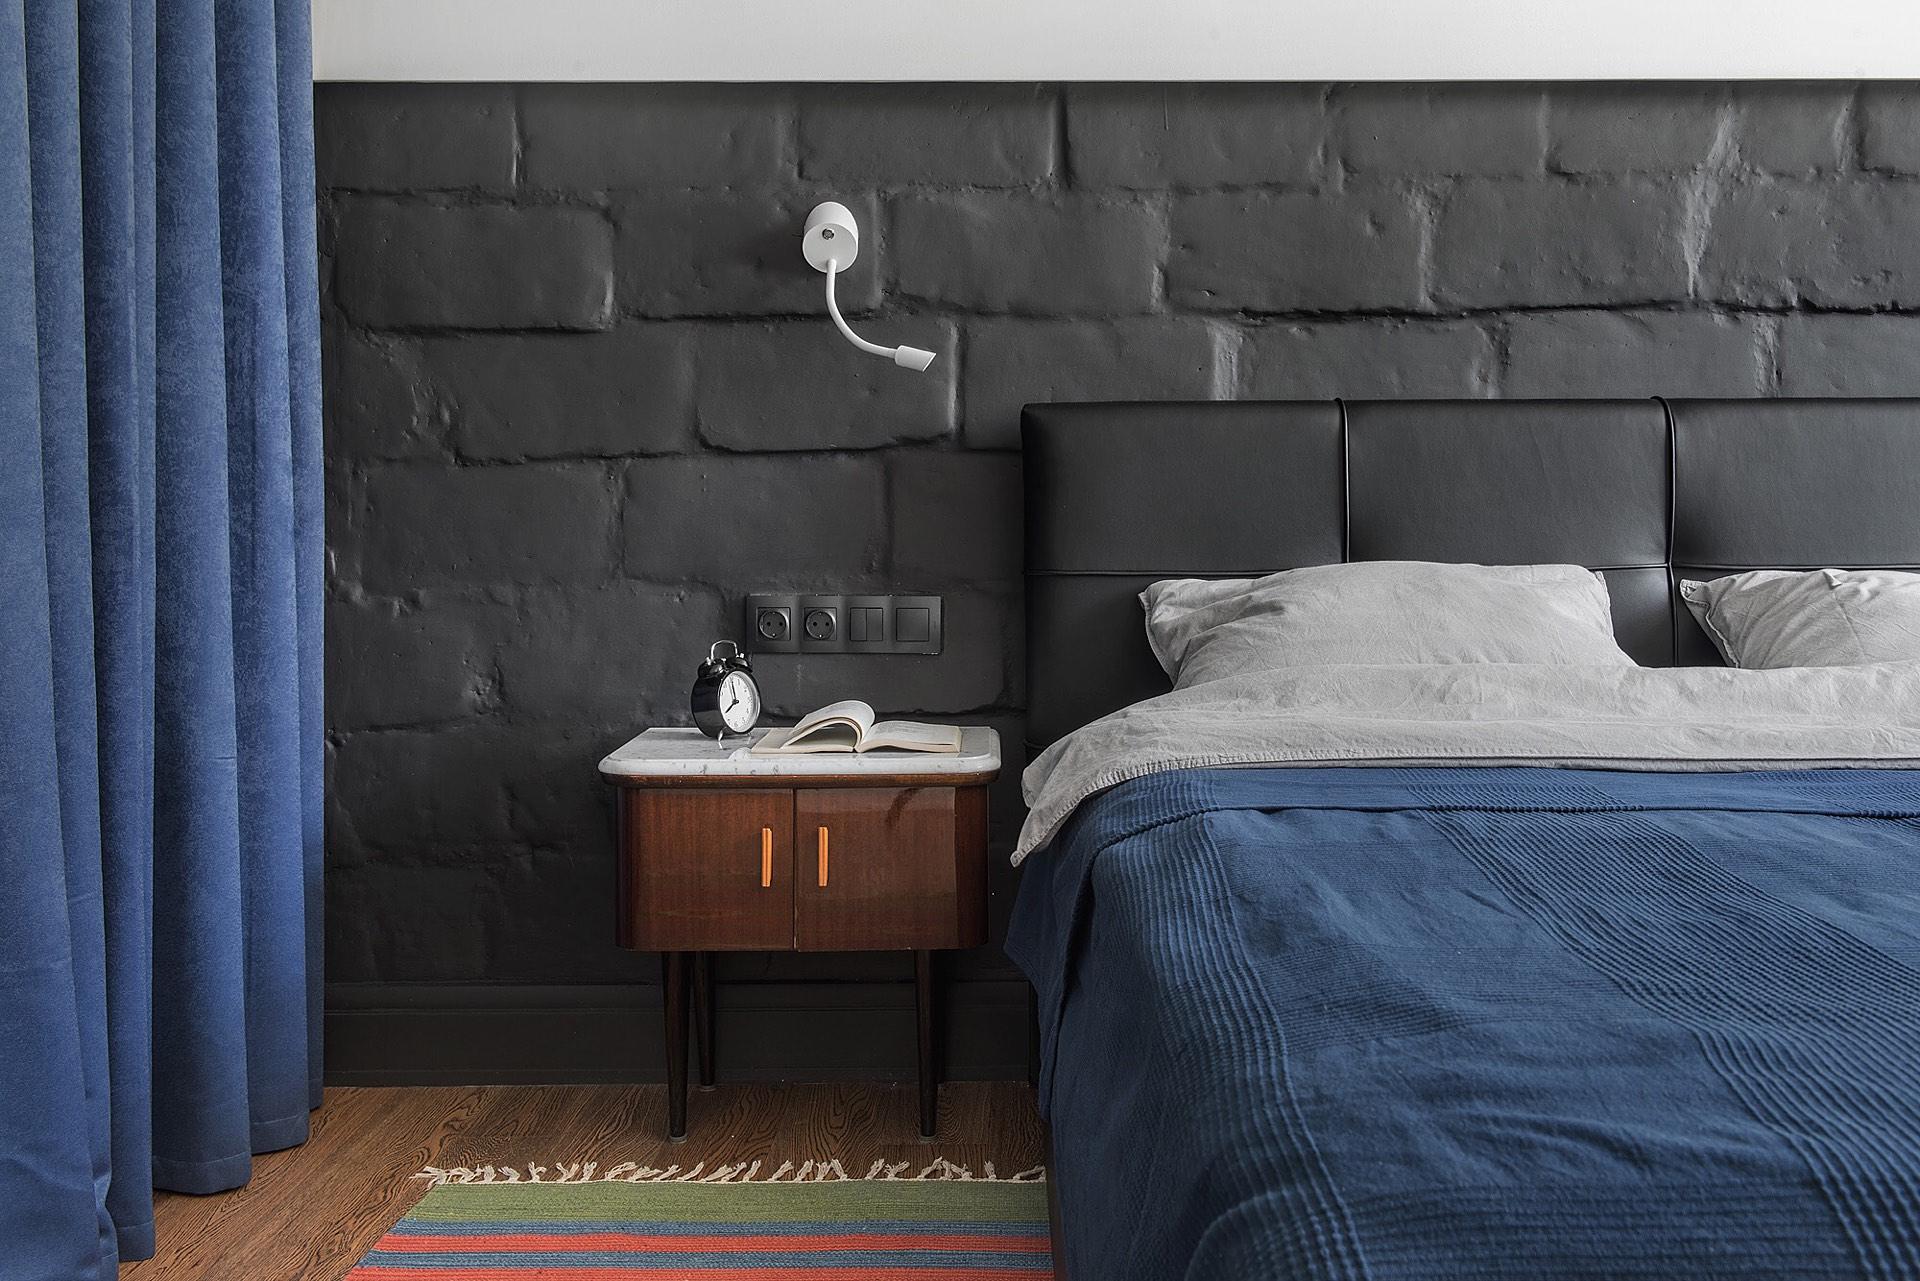 спальня кровать изголовье каменная кладка прикроватная тумба коврик